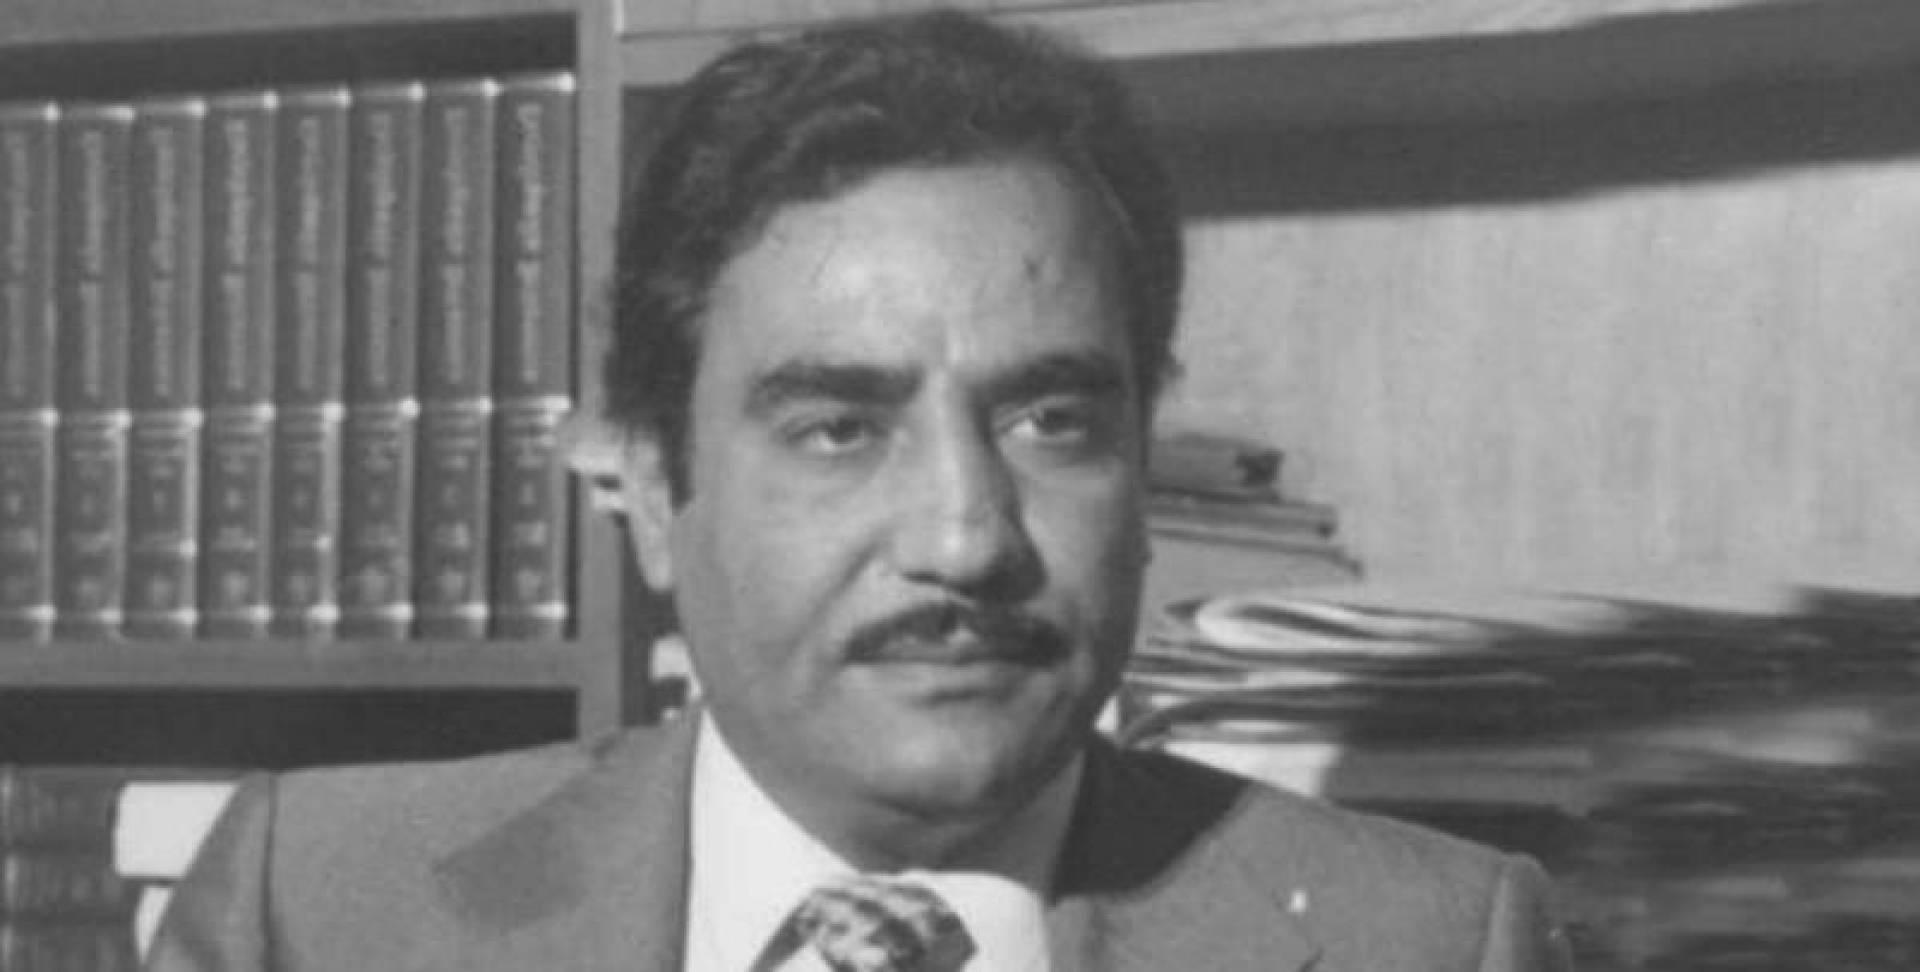 1980| وزير الزراعة العراقي: مشاريعنا الزراعية مع الكويت تشمل إنشاء شركات للخضار والألبان ومزارع لإنتاج الأرز